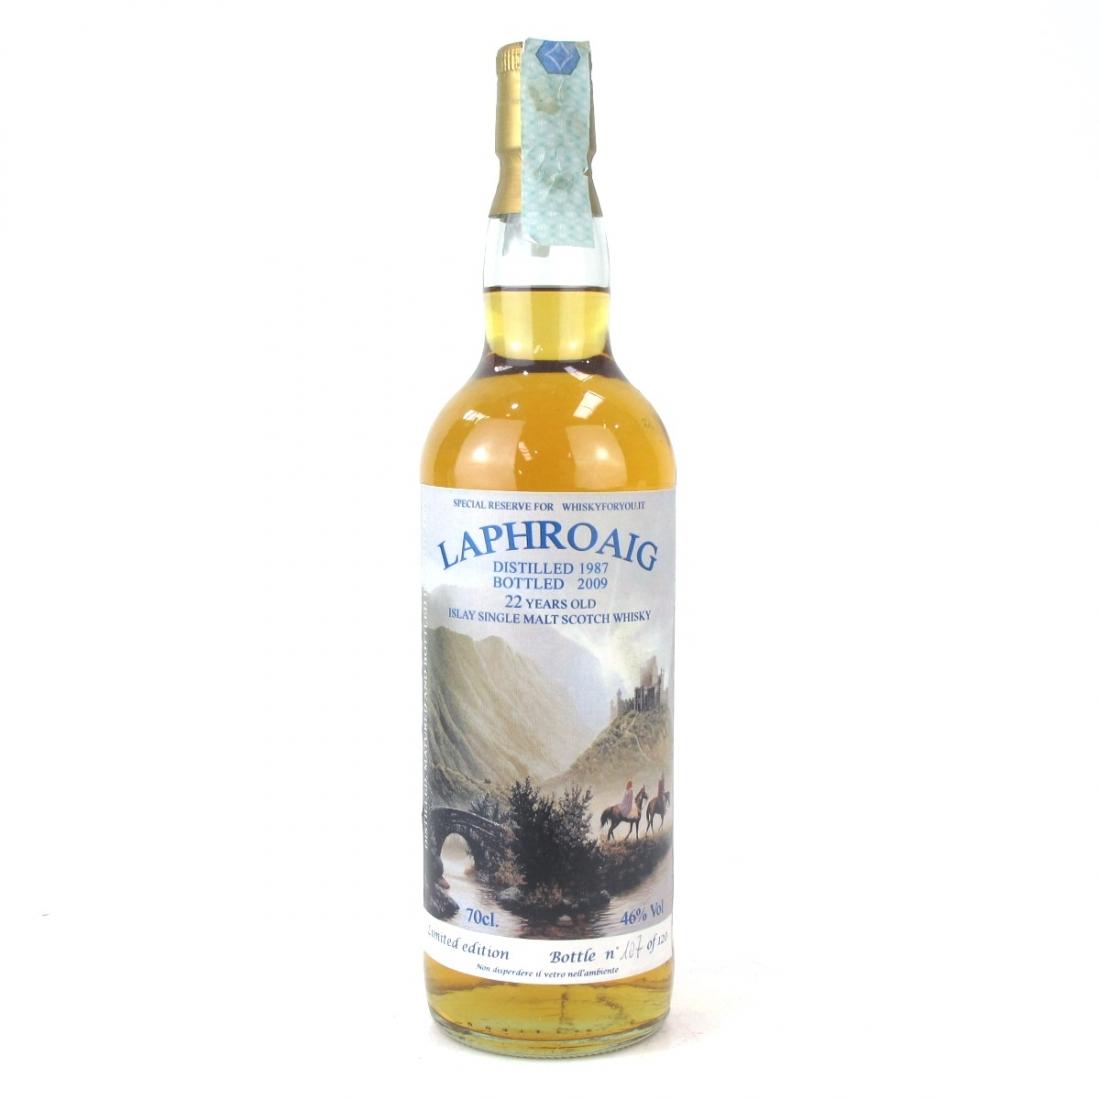 Laphroaig 1987 WhiskyForYou 22 Year Old